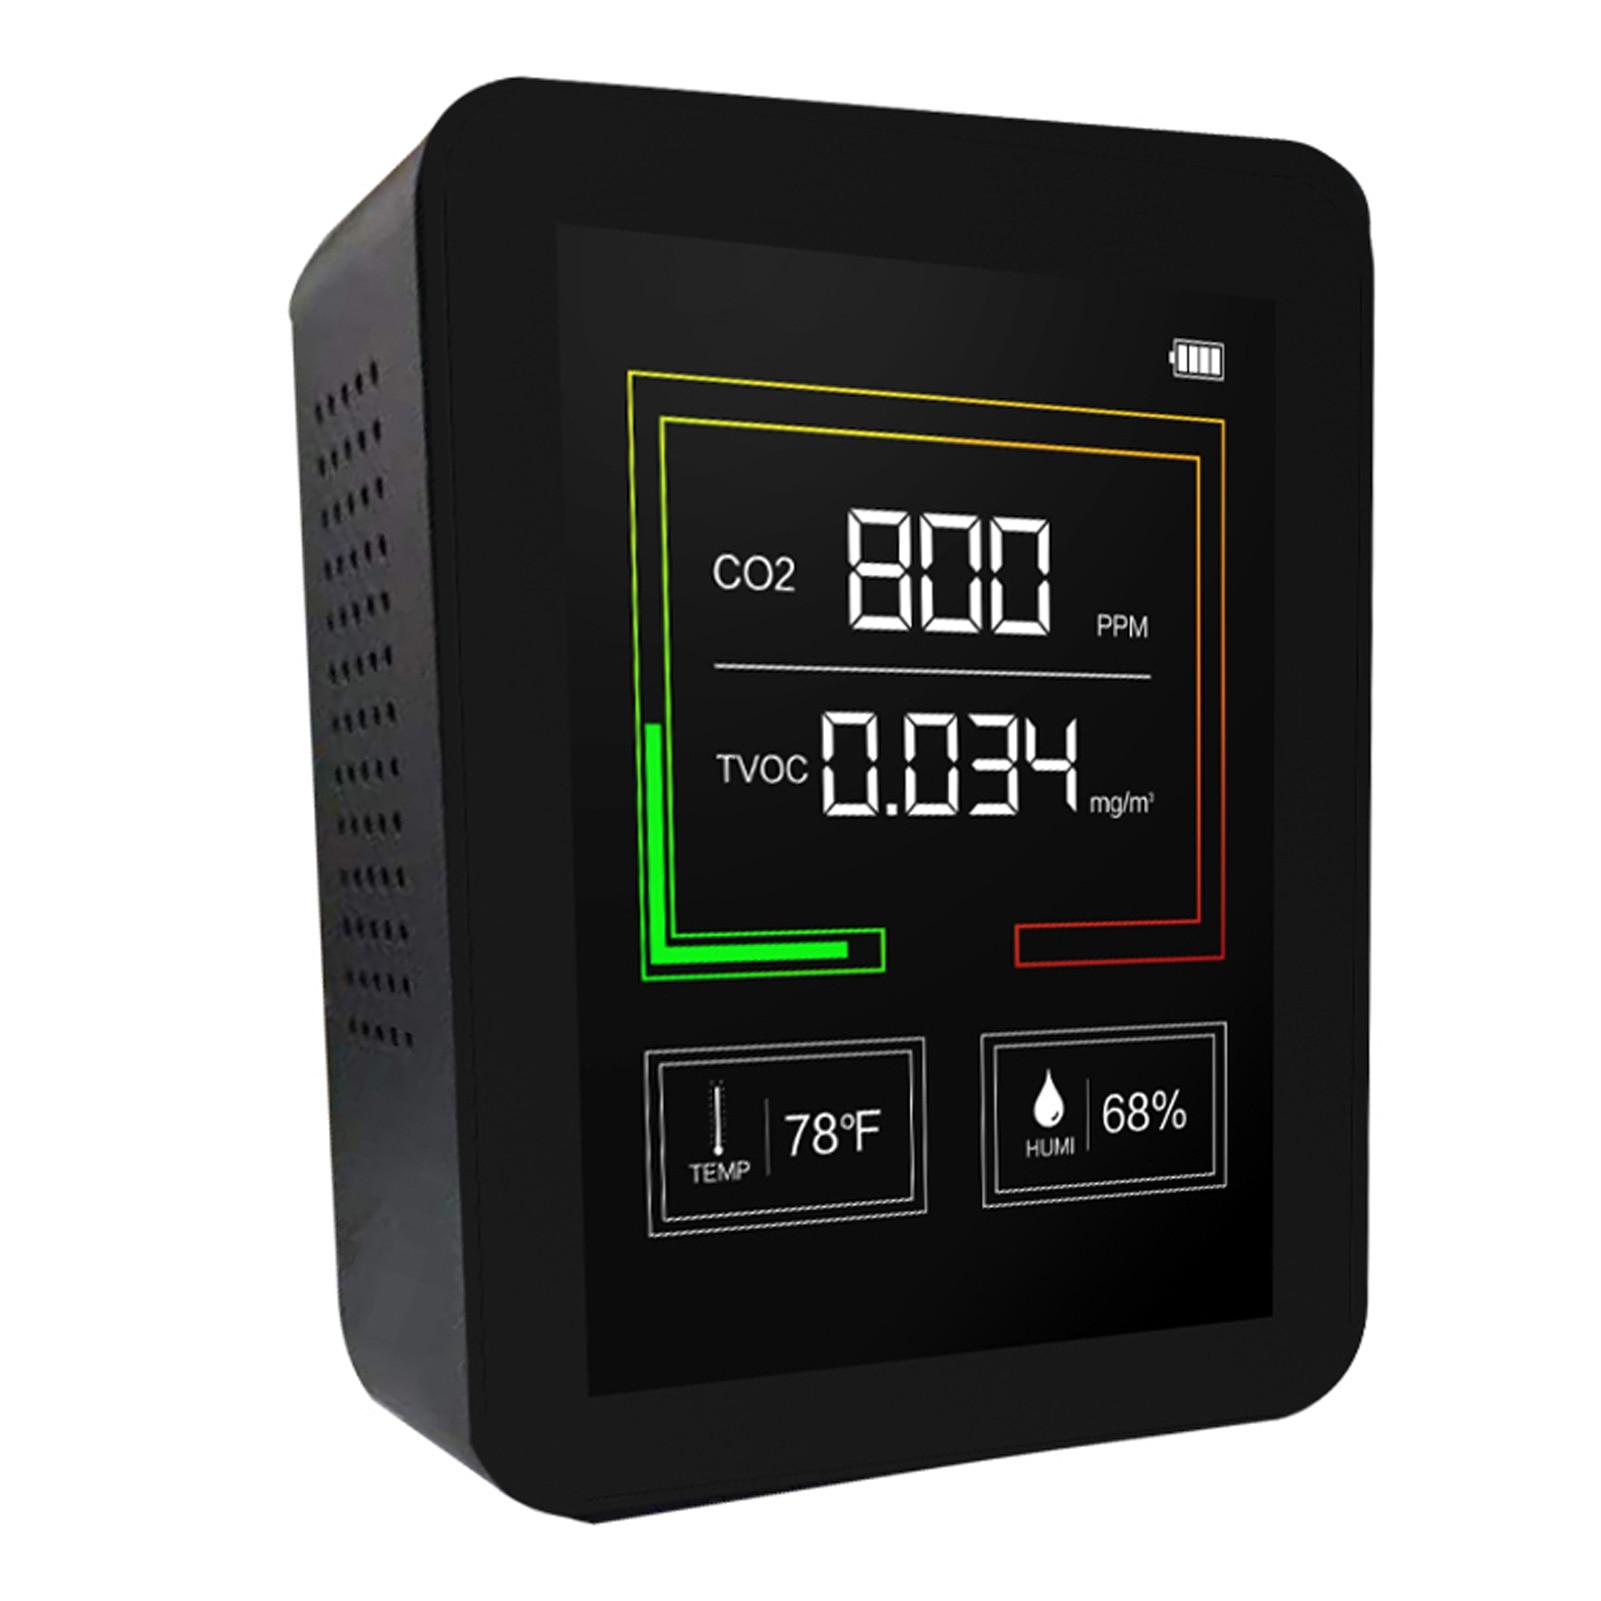 USB Перезаряжаемые CO2 Измеритель Качества Воздуха монитор углекислого газа Сенсор детектор TVOC концентрации Температура испытания влажности